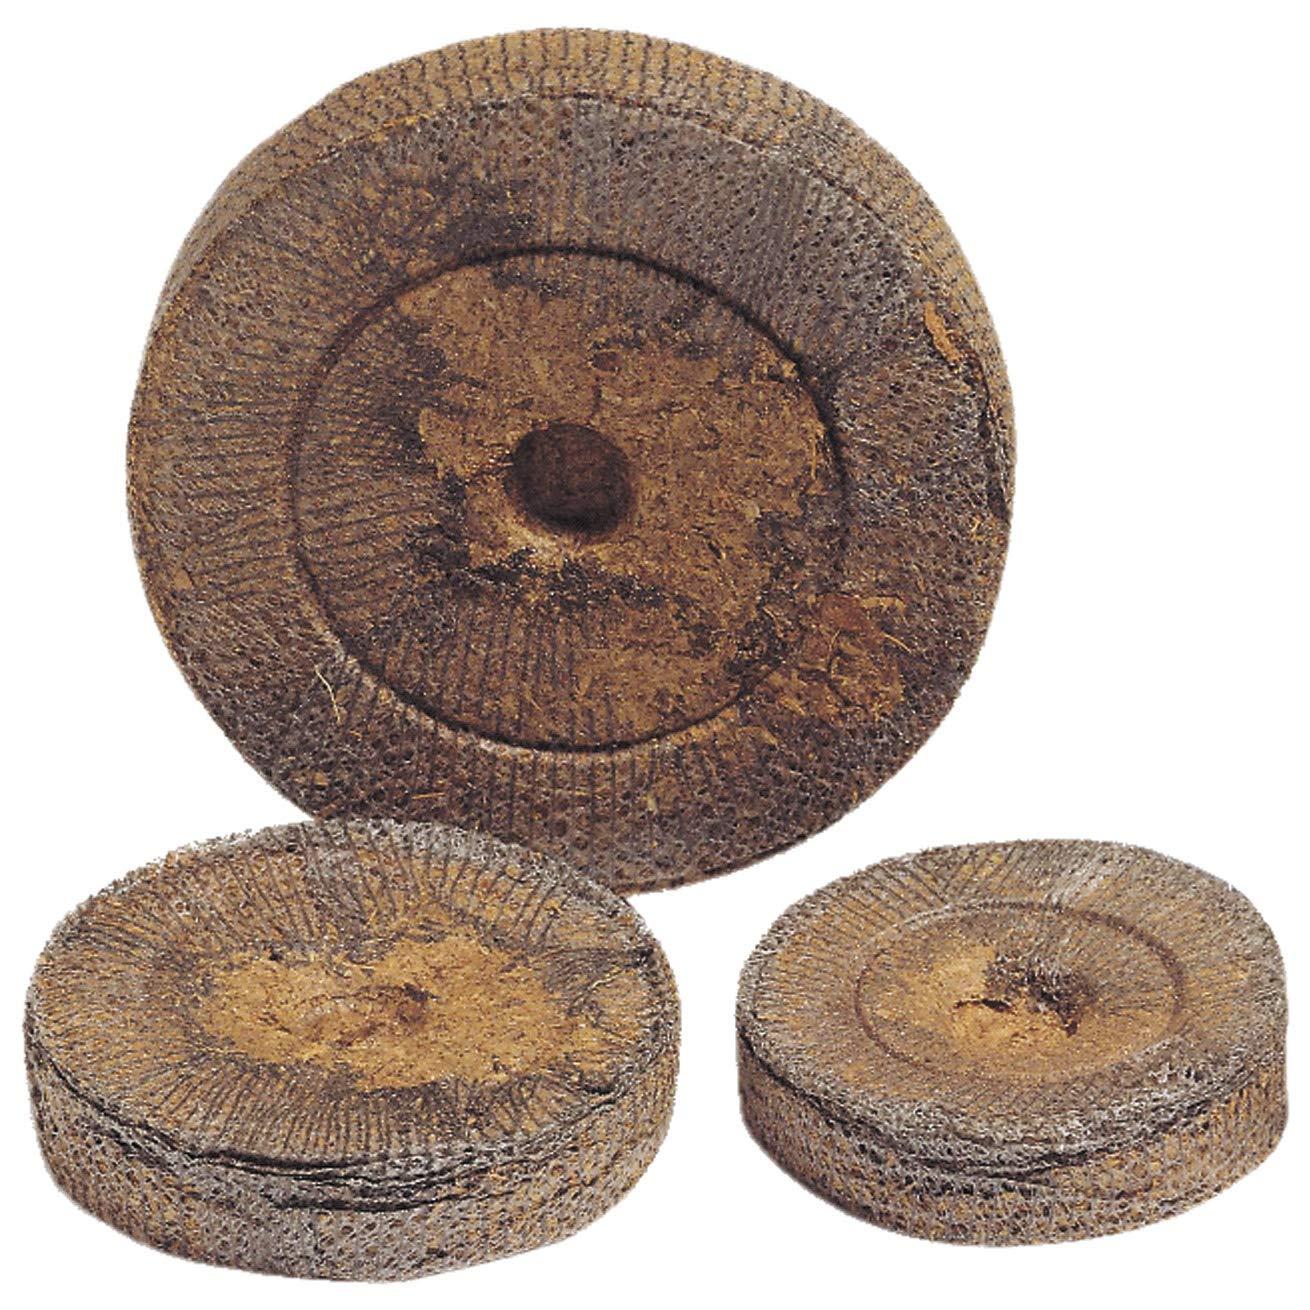 50 Jiffy Torf-Quelltabletten Quelltöpfe Aussaaterde Anzuchterde Torftablette Kokos-Quelltabletten